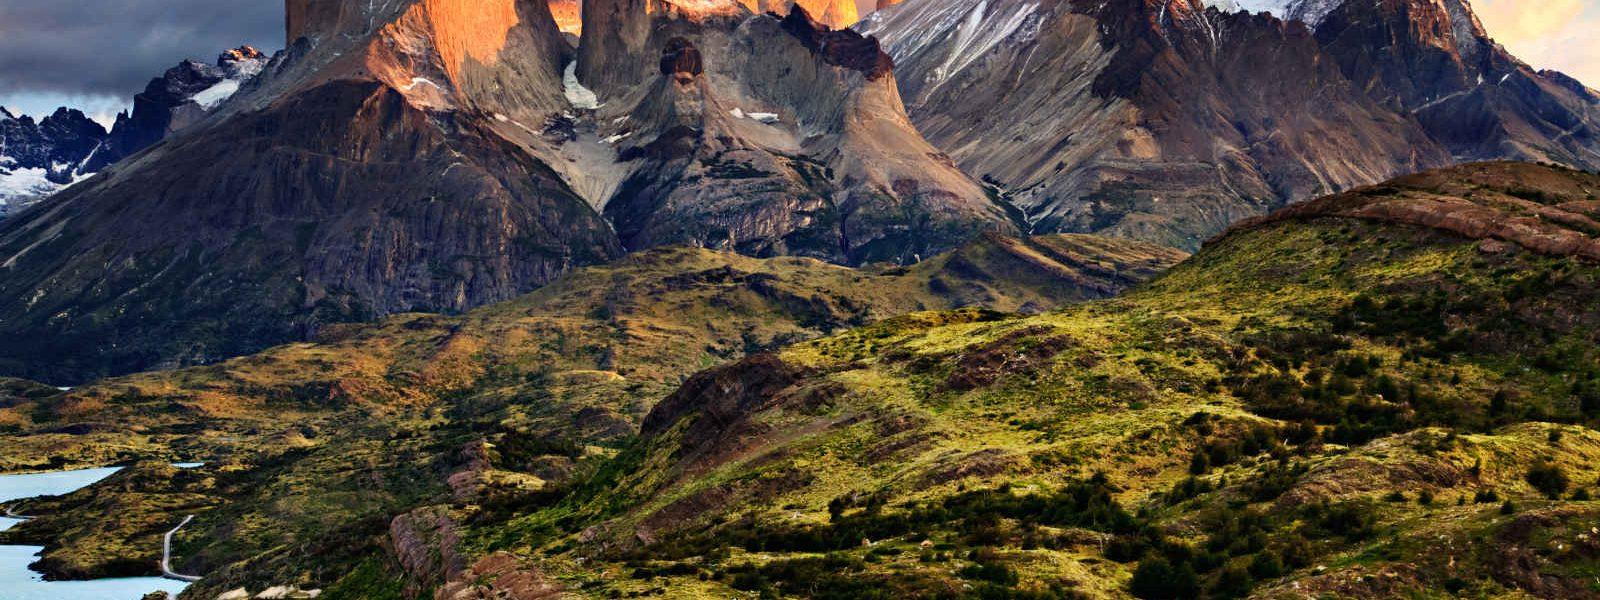 Lever de soleil dans les montagne, Torres Del Paine, Chili